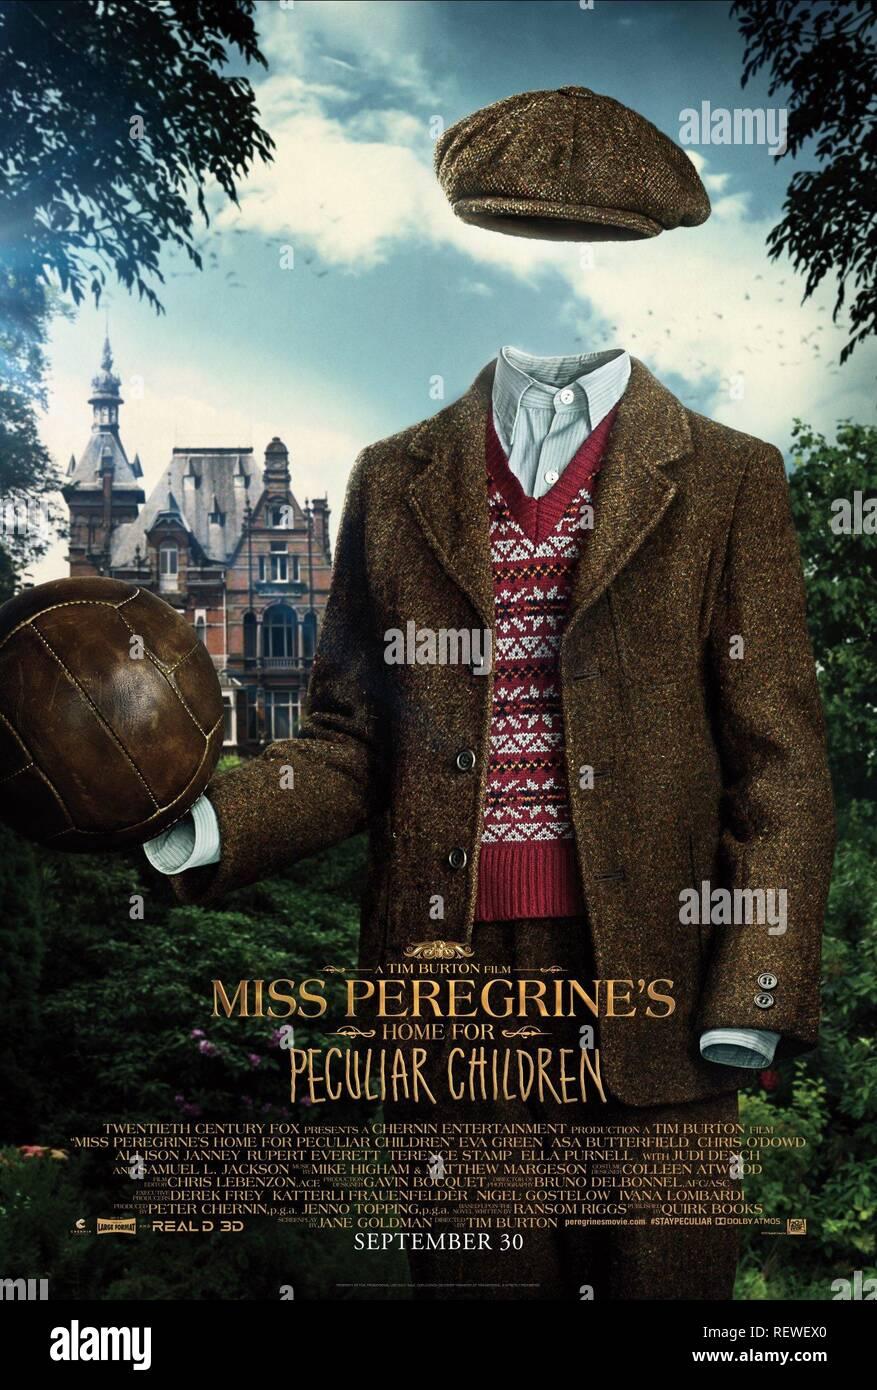 CAMERON Rey cartel de la casa de miss PEREGRINE PARA NIÑOS peculiares (2016) Imagen De Stock